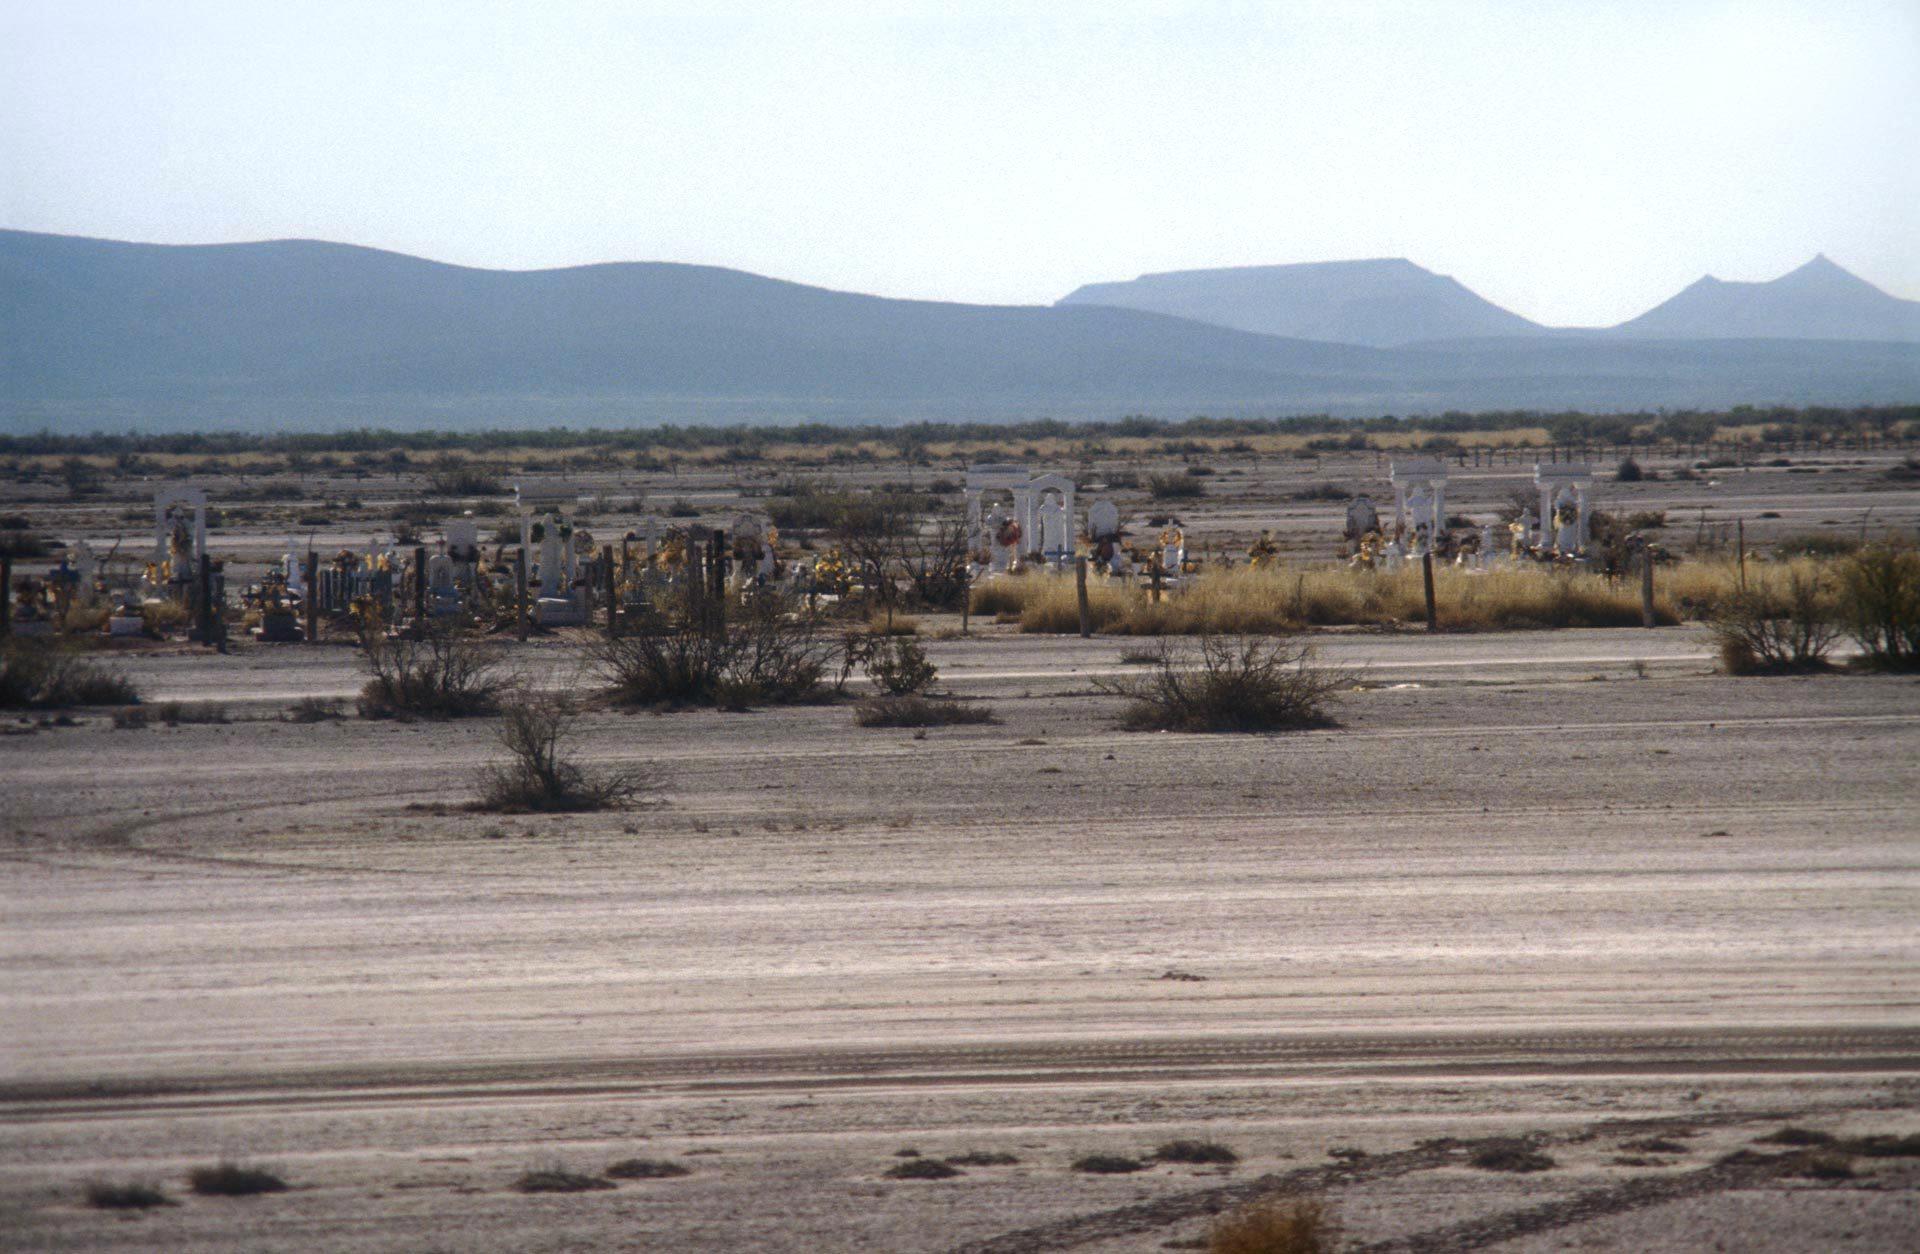 Friedhof in der Wüste – Cemetery in the desert